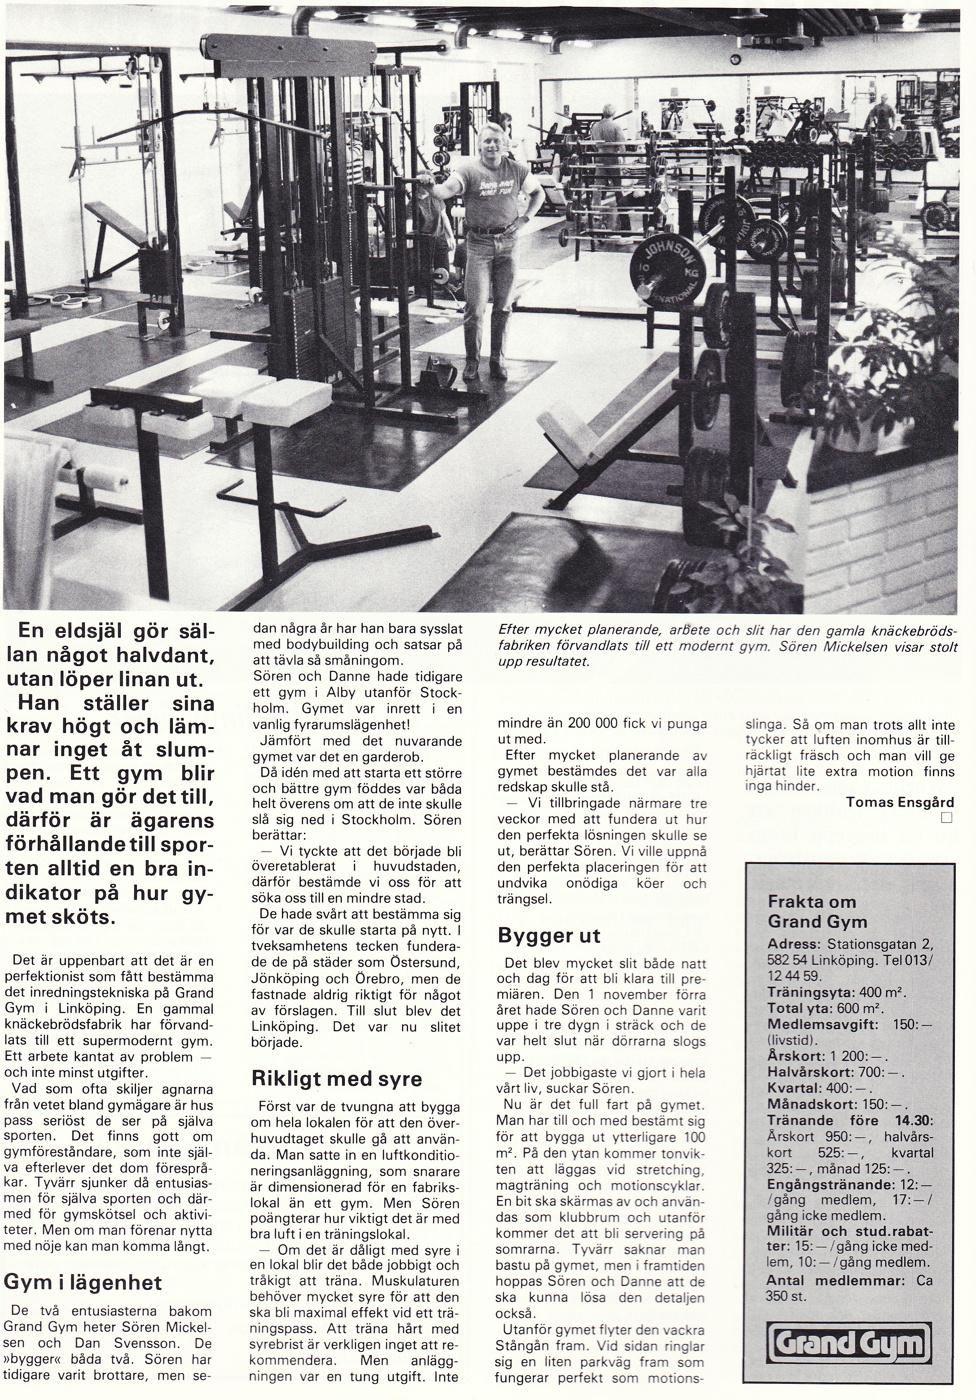 grand gym